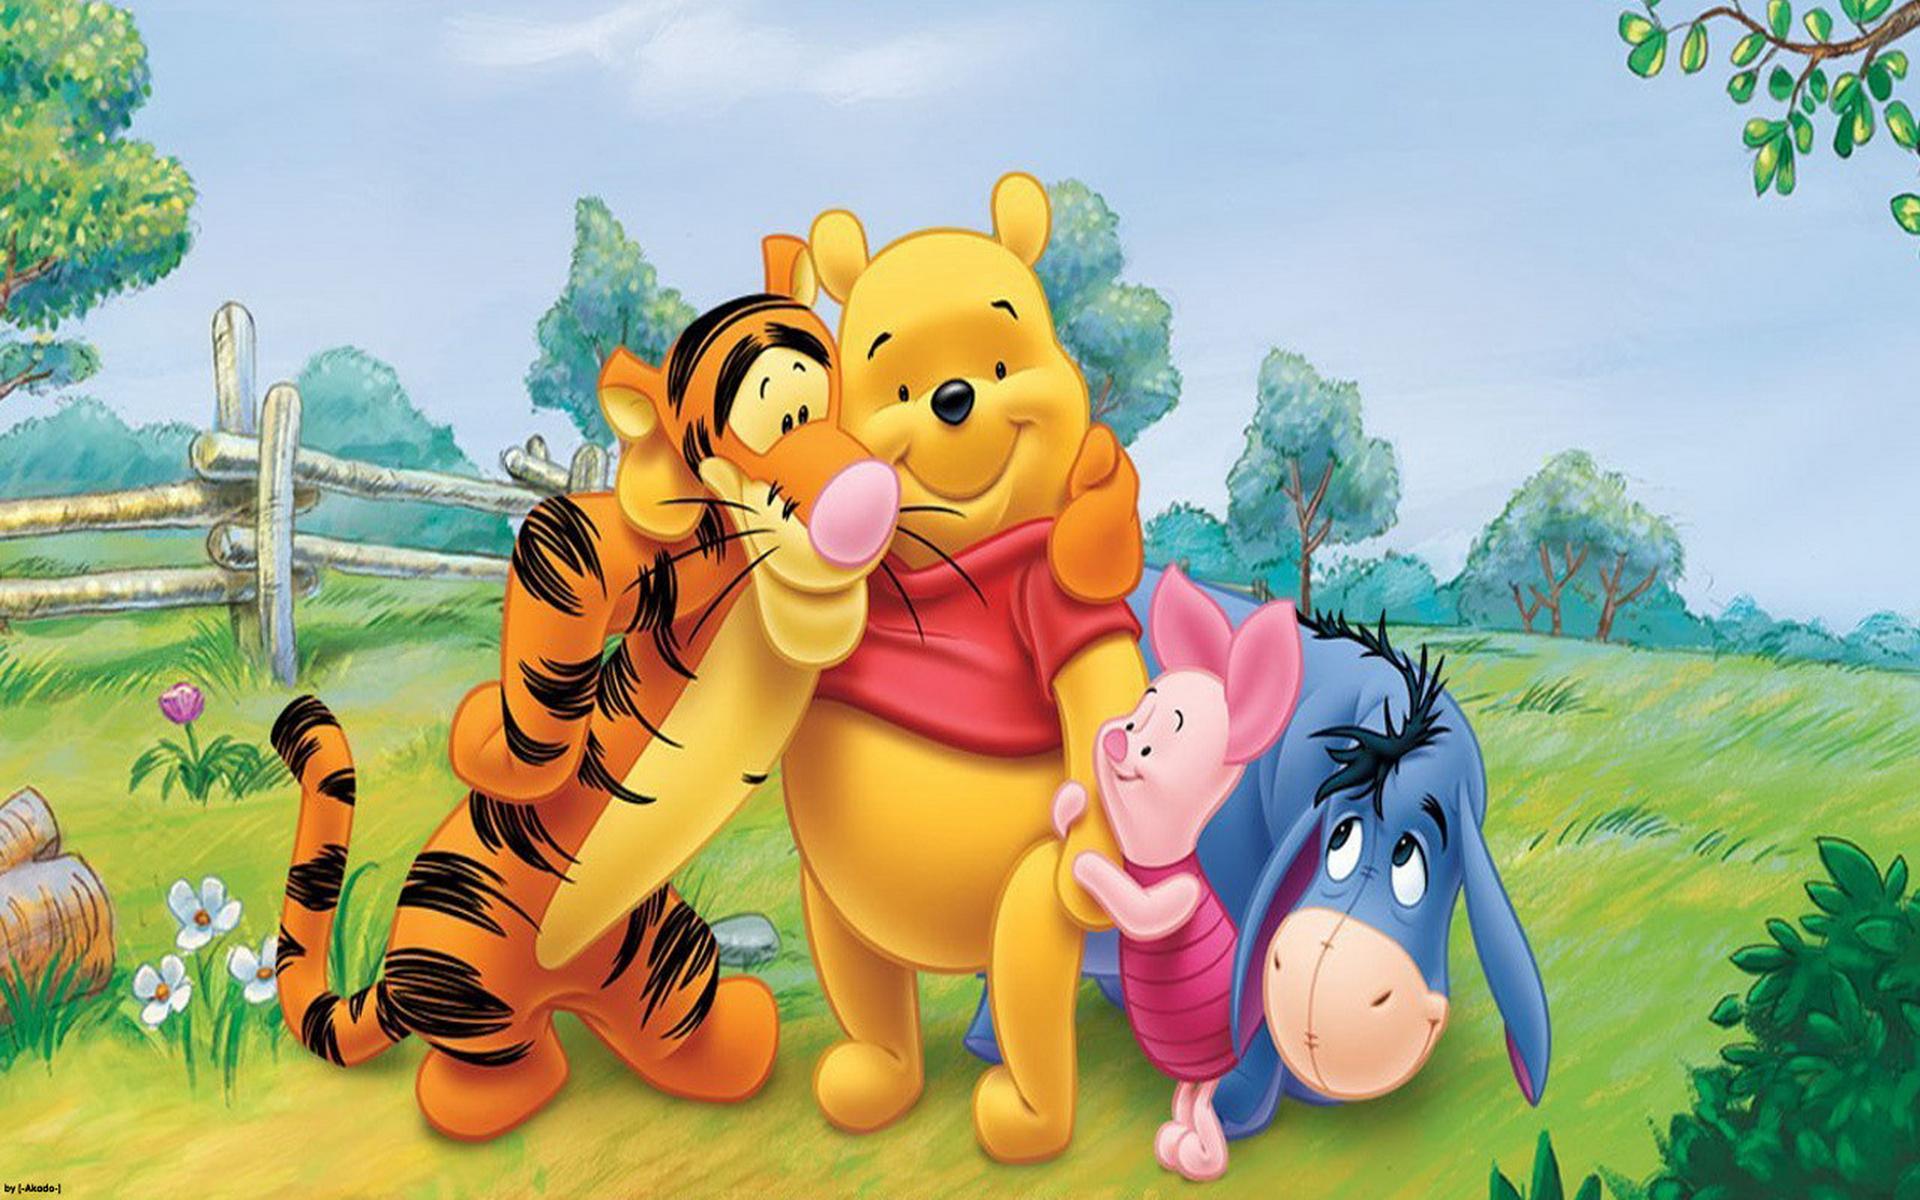 1920x1200 Cartoon Winnie The Pooh